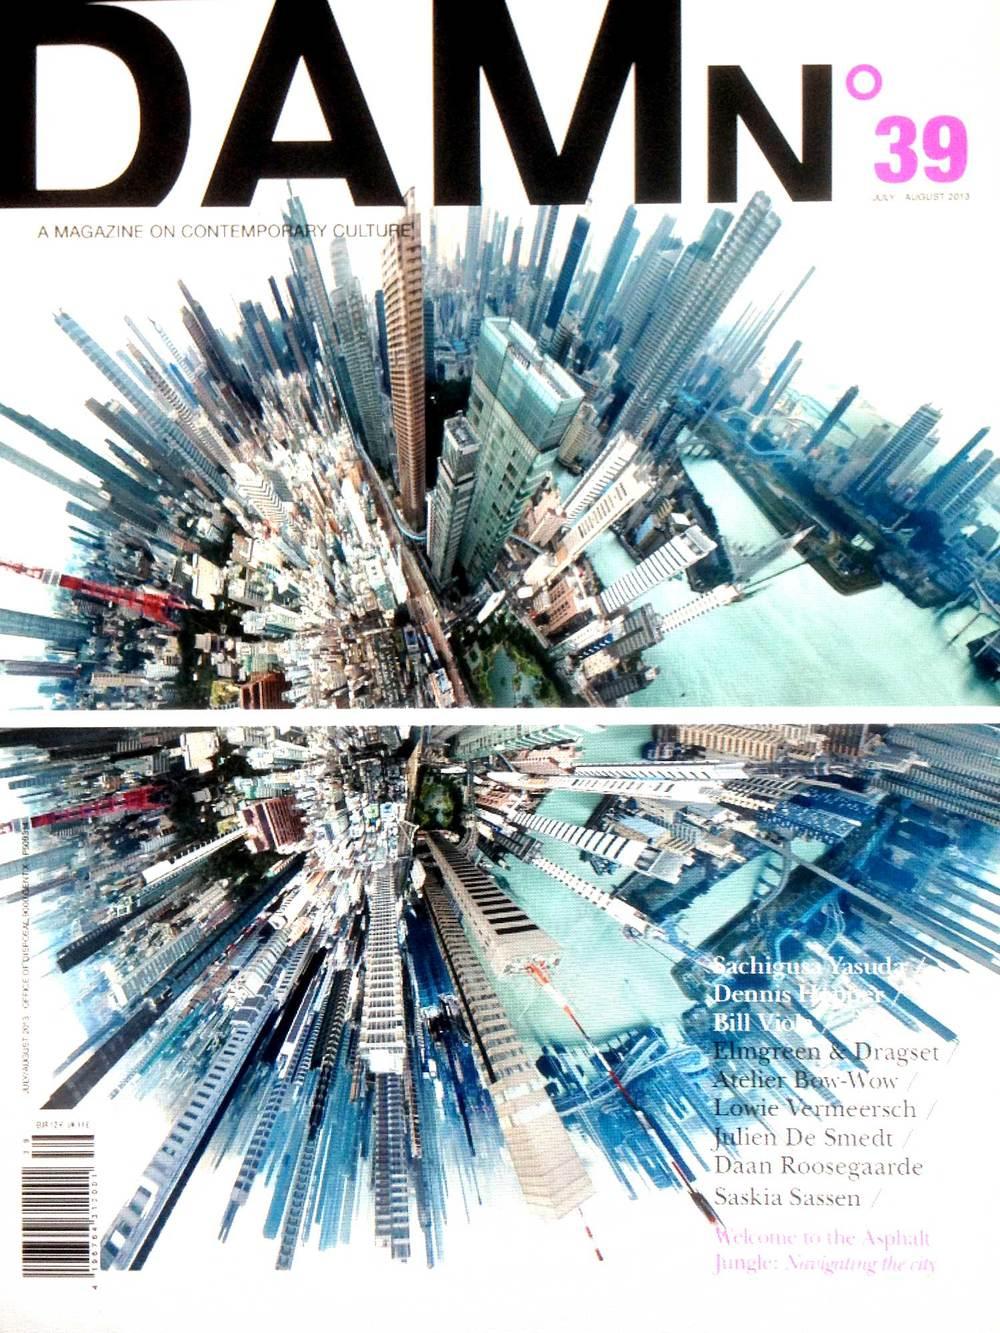 2013-Damn-39-cover.jpg